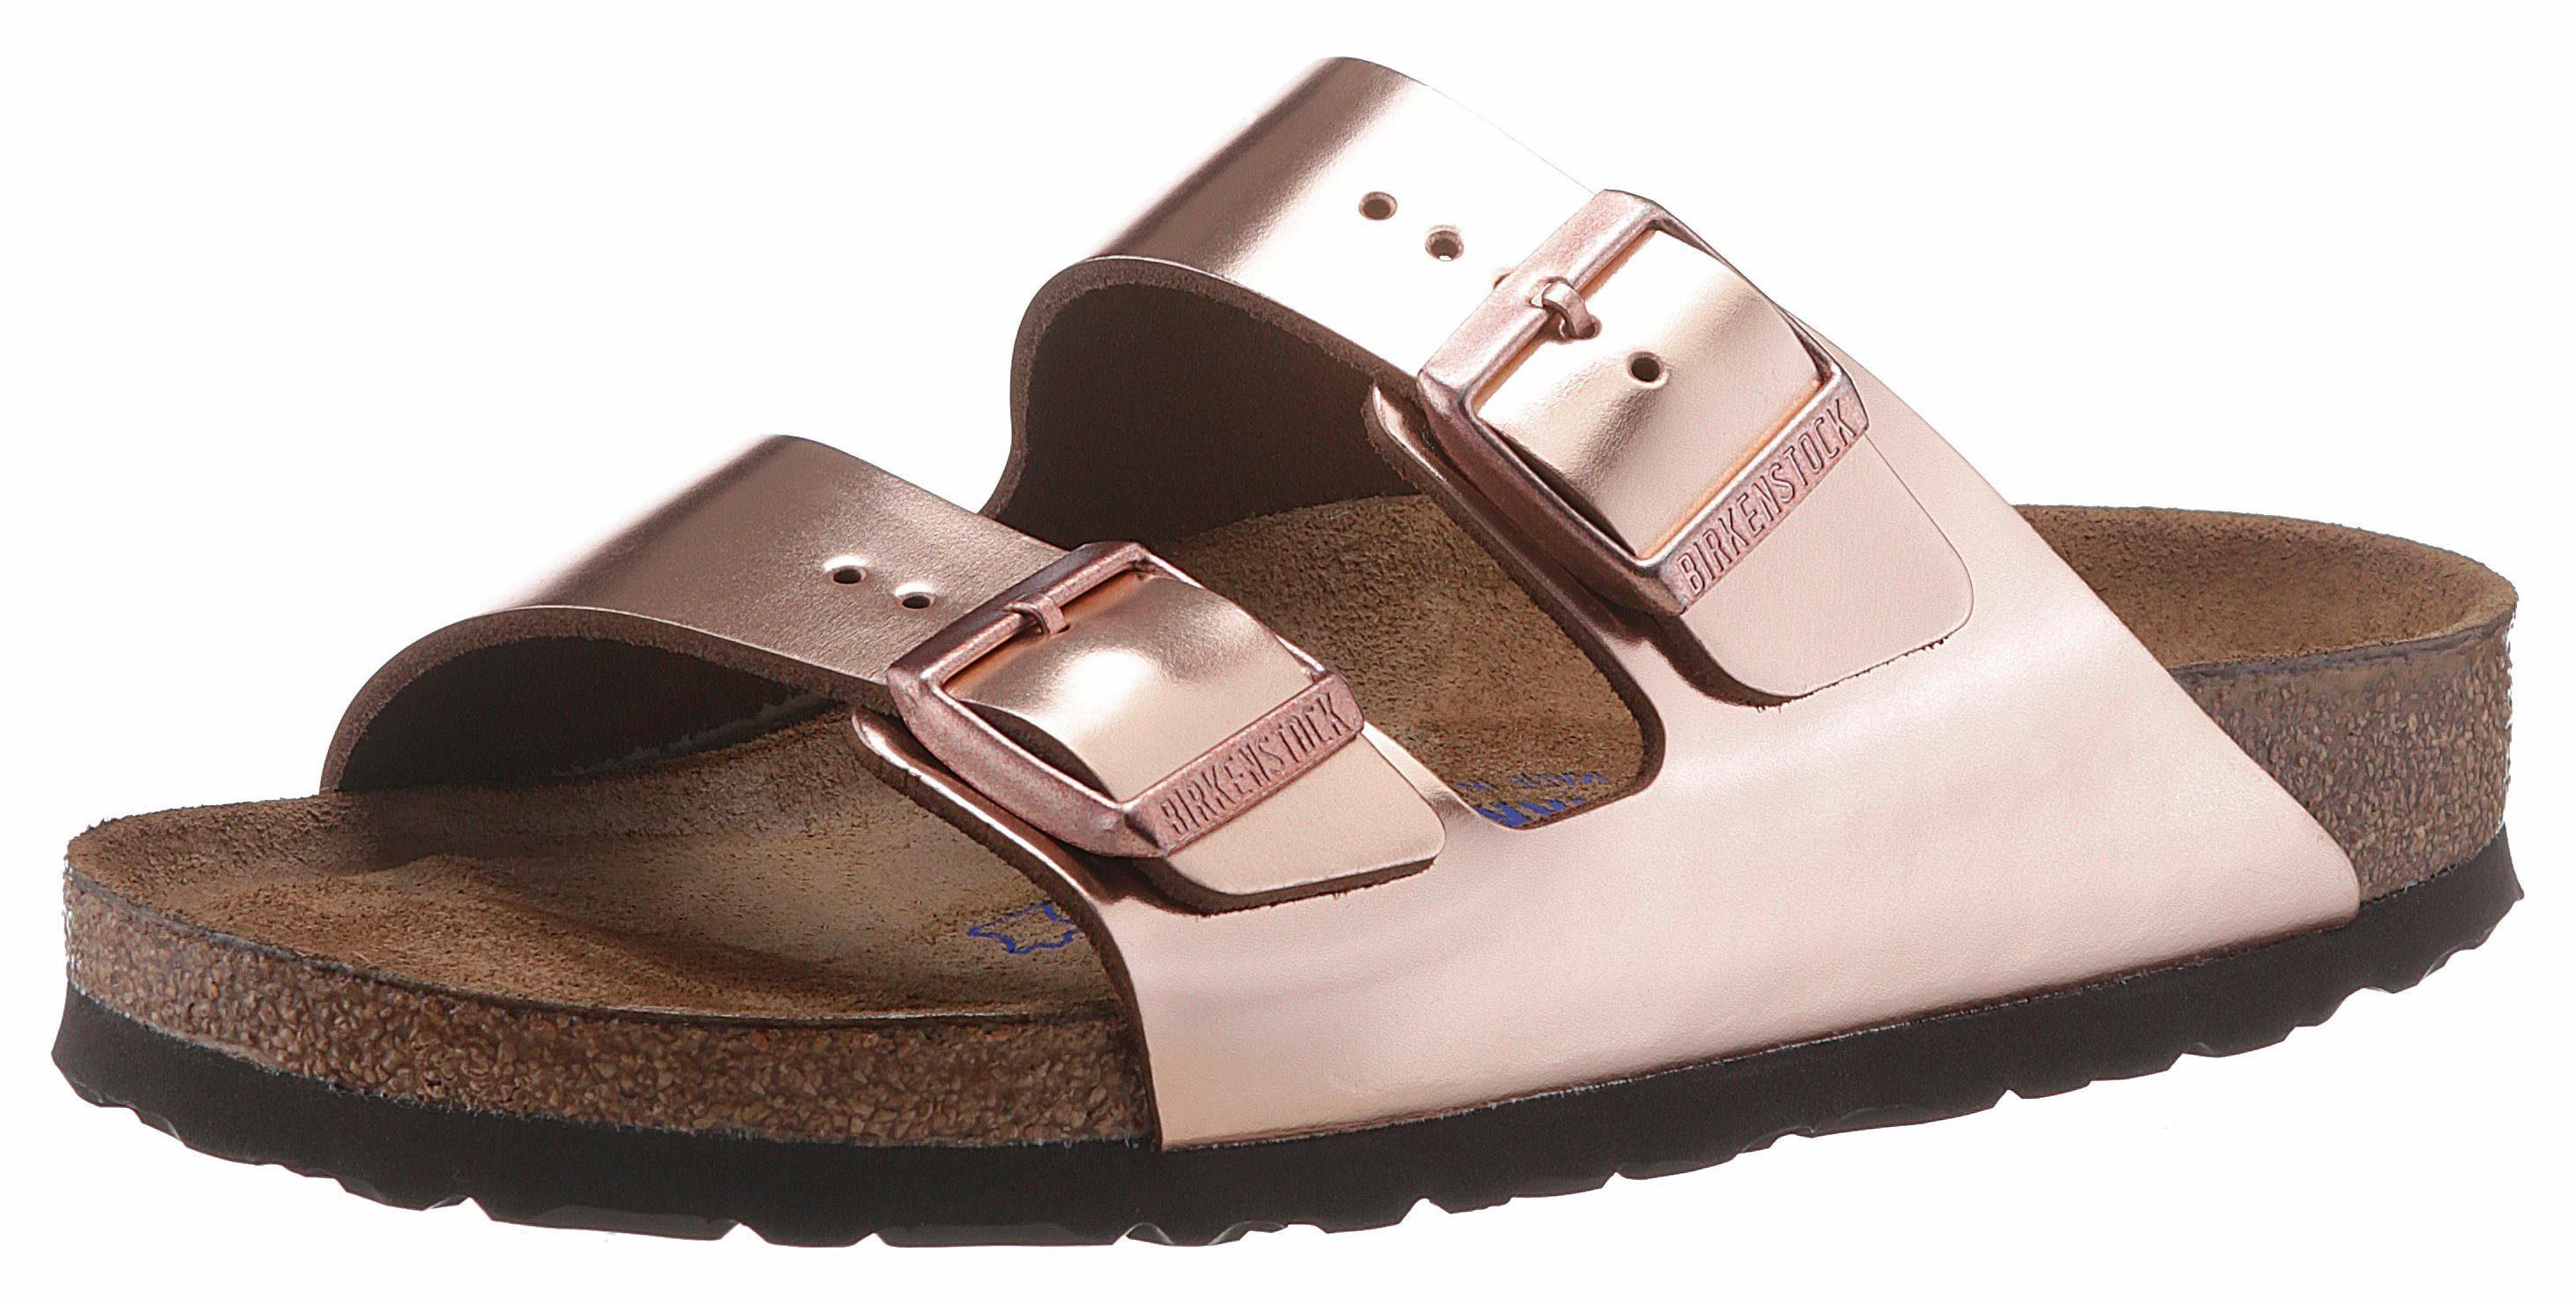 Birkenstock »Mayari« Pantolette, in schmaler Schuhweite und Snake-Optik, rosa, EURO-Größen, rosa